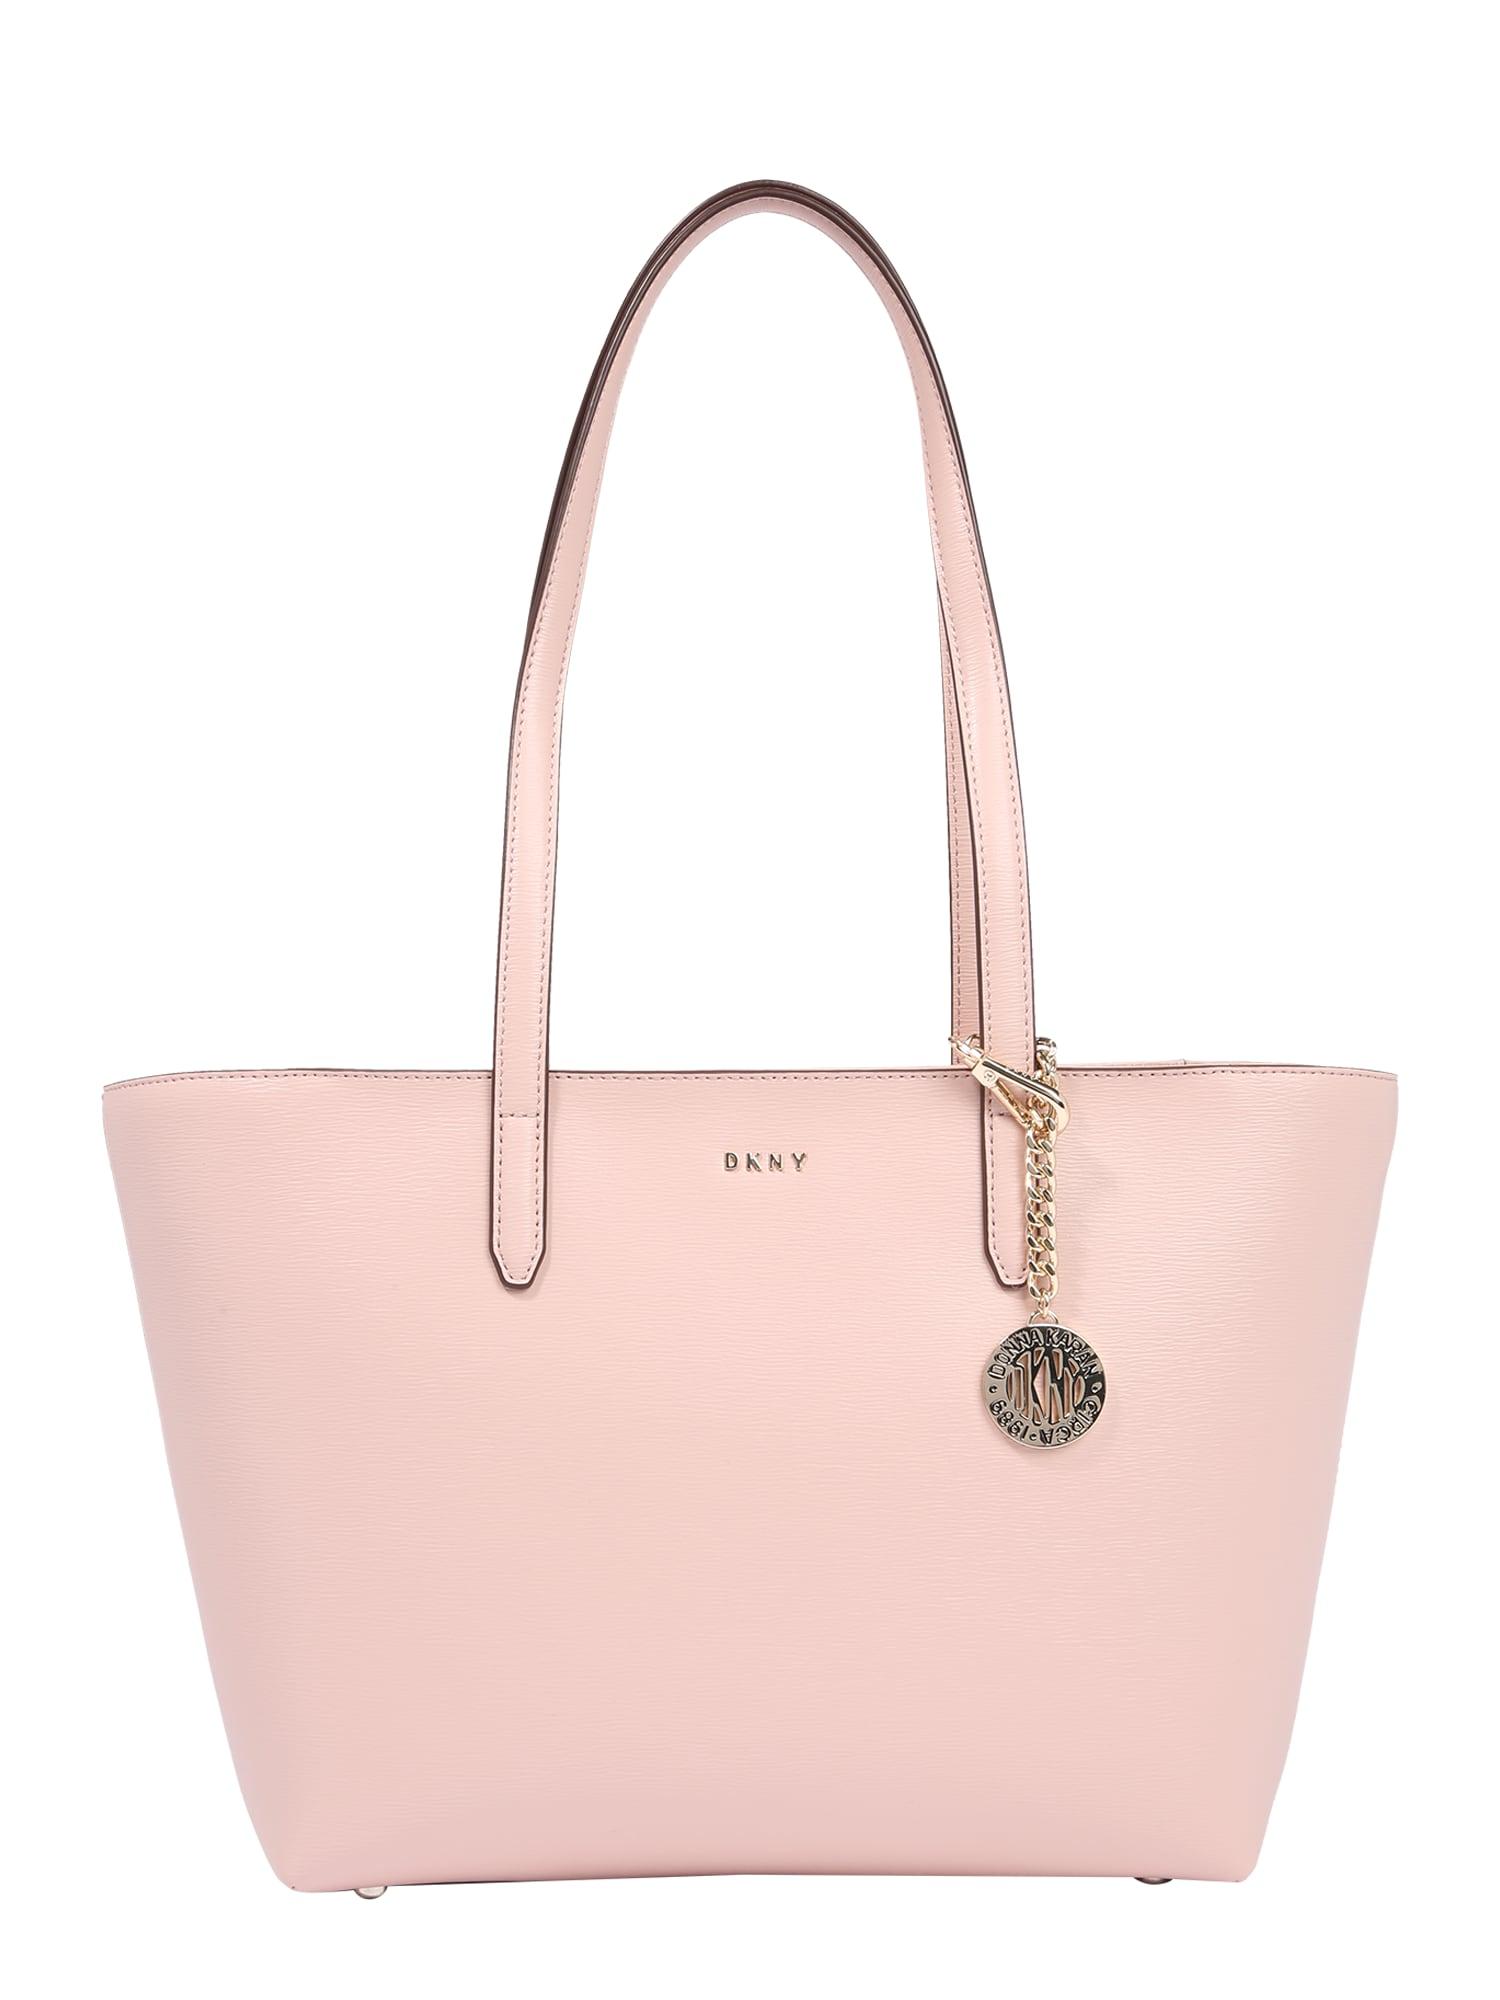 DKNY Pirkinių krepšys